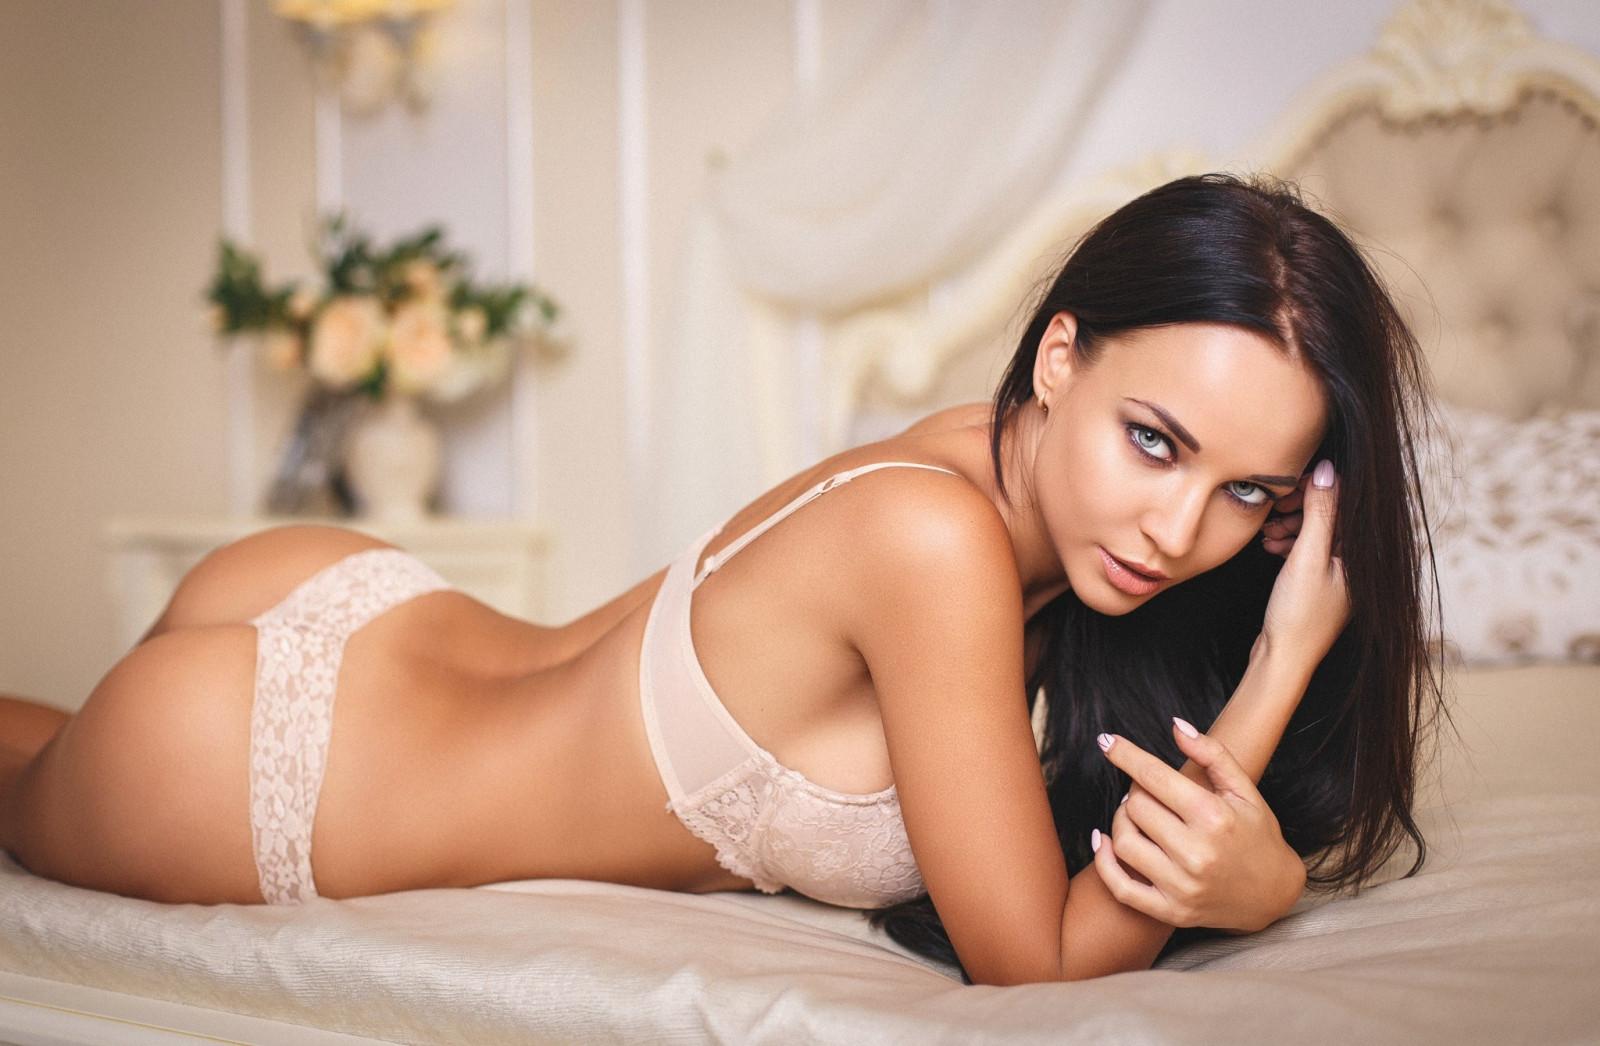 Русская красотка ангелина, Русское порно с Анжелика - смотреть онлайн бесплатно 2 фотография